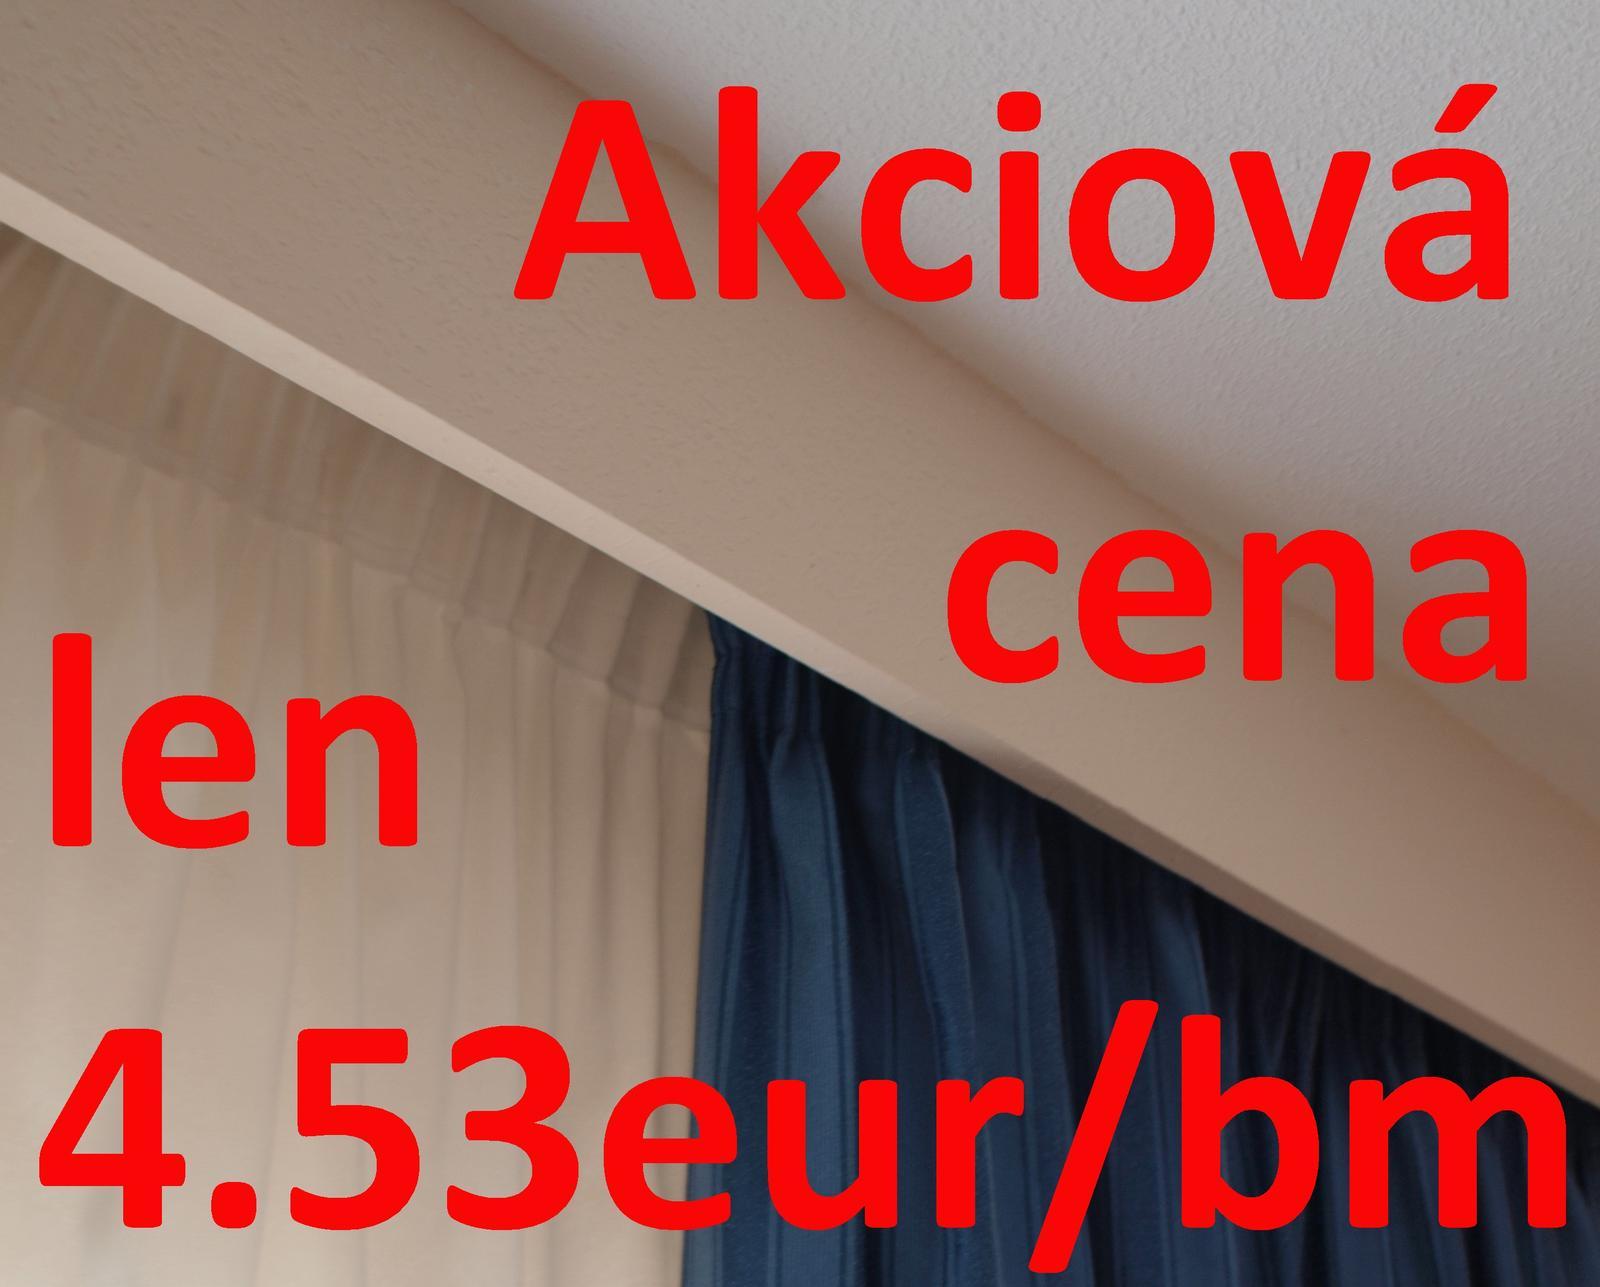 Sadrokartónové garniže: shop.easyboard.sk - Zvyhodnene ceny na niektore rozmery sadrokartonovych garnizi